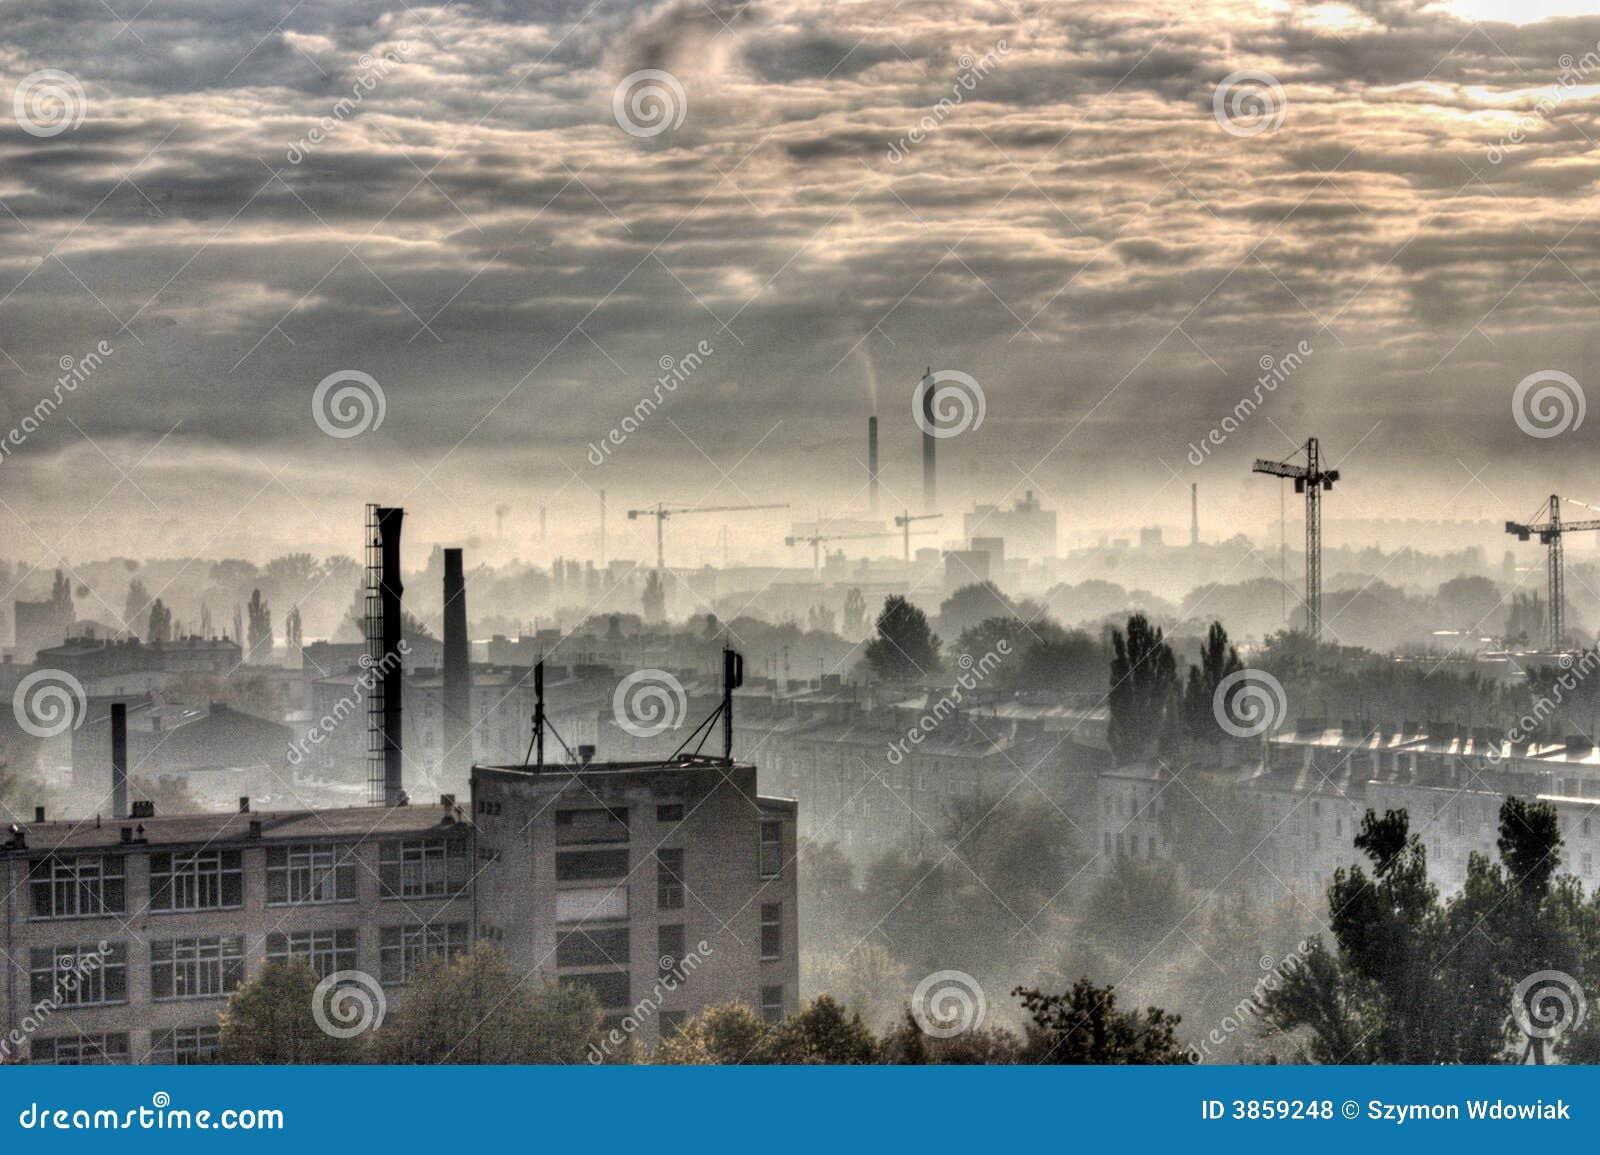 Ville industrielle - Moonscape